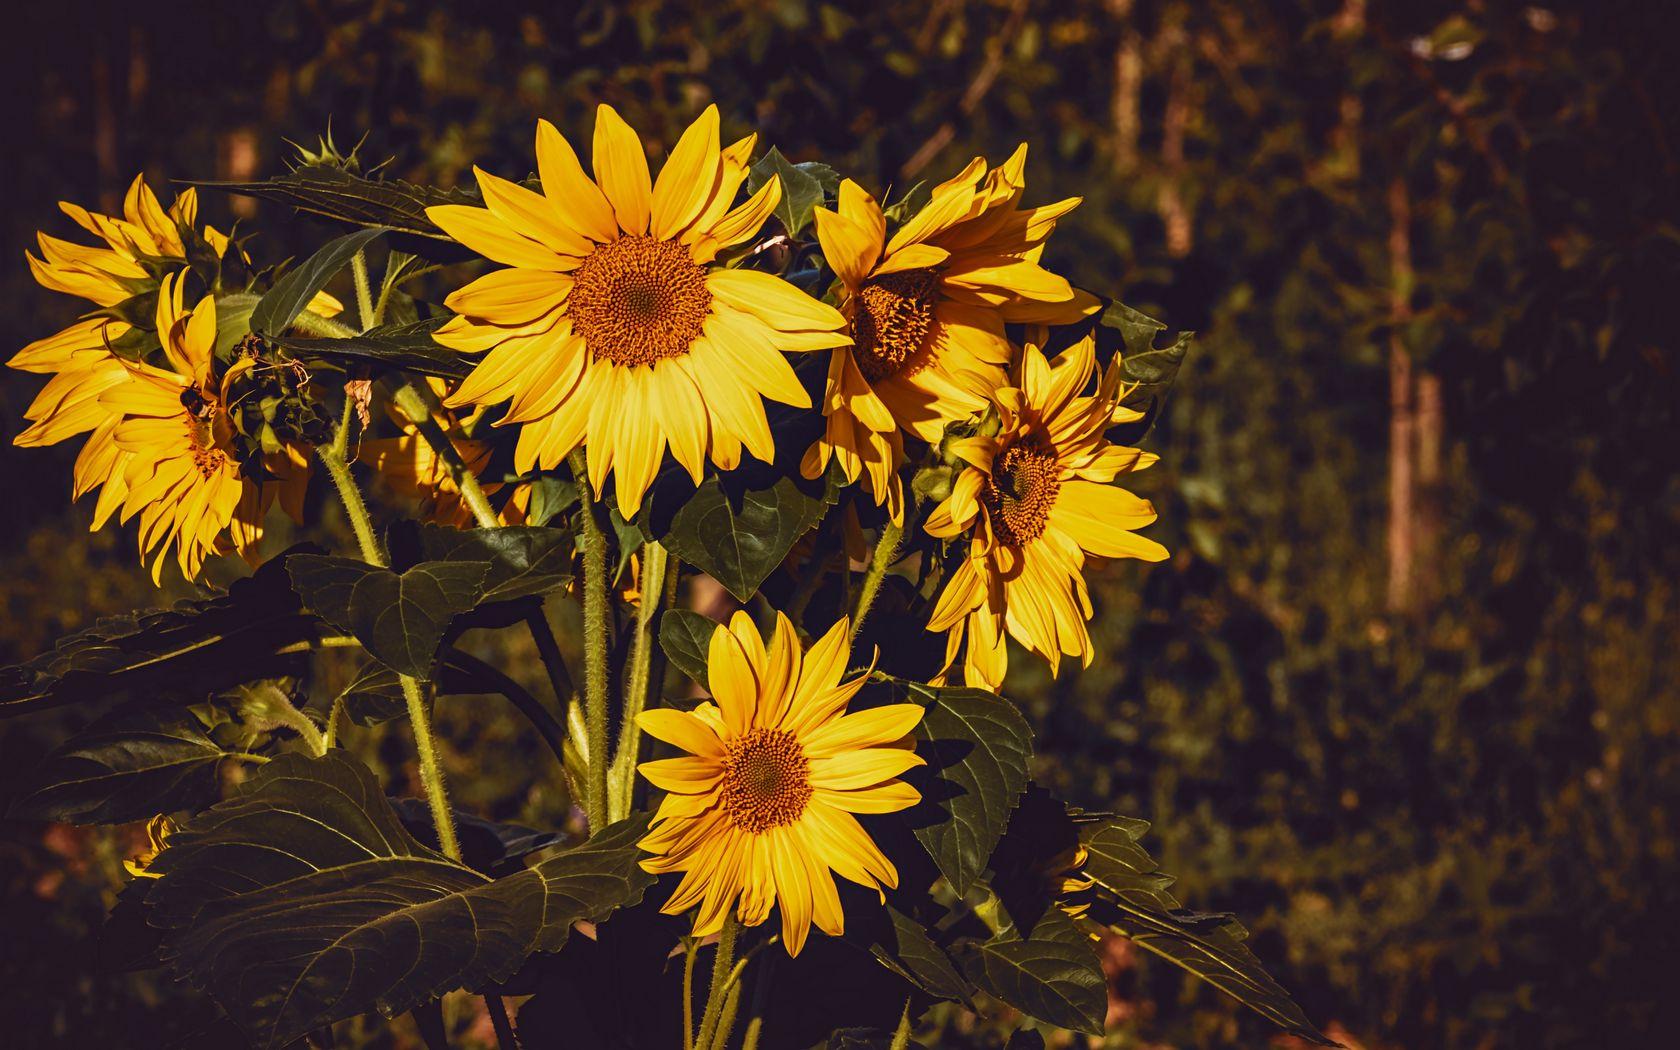 1680x1050 Wallpaper sunflower, flowers, summer, yellow